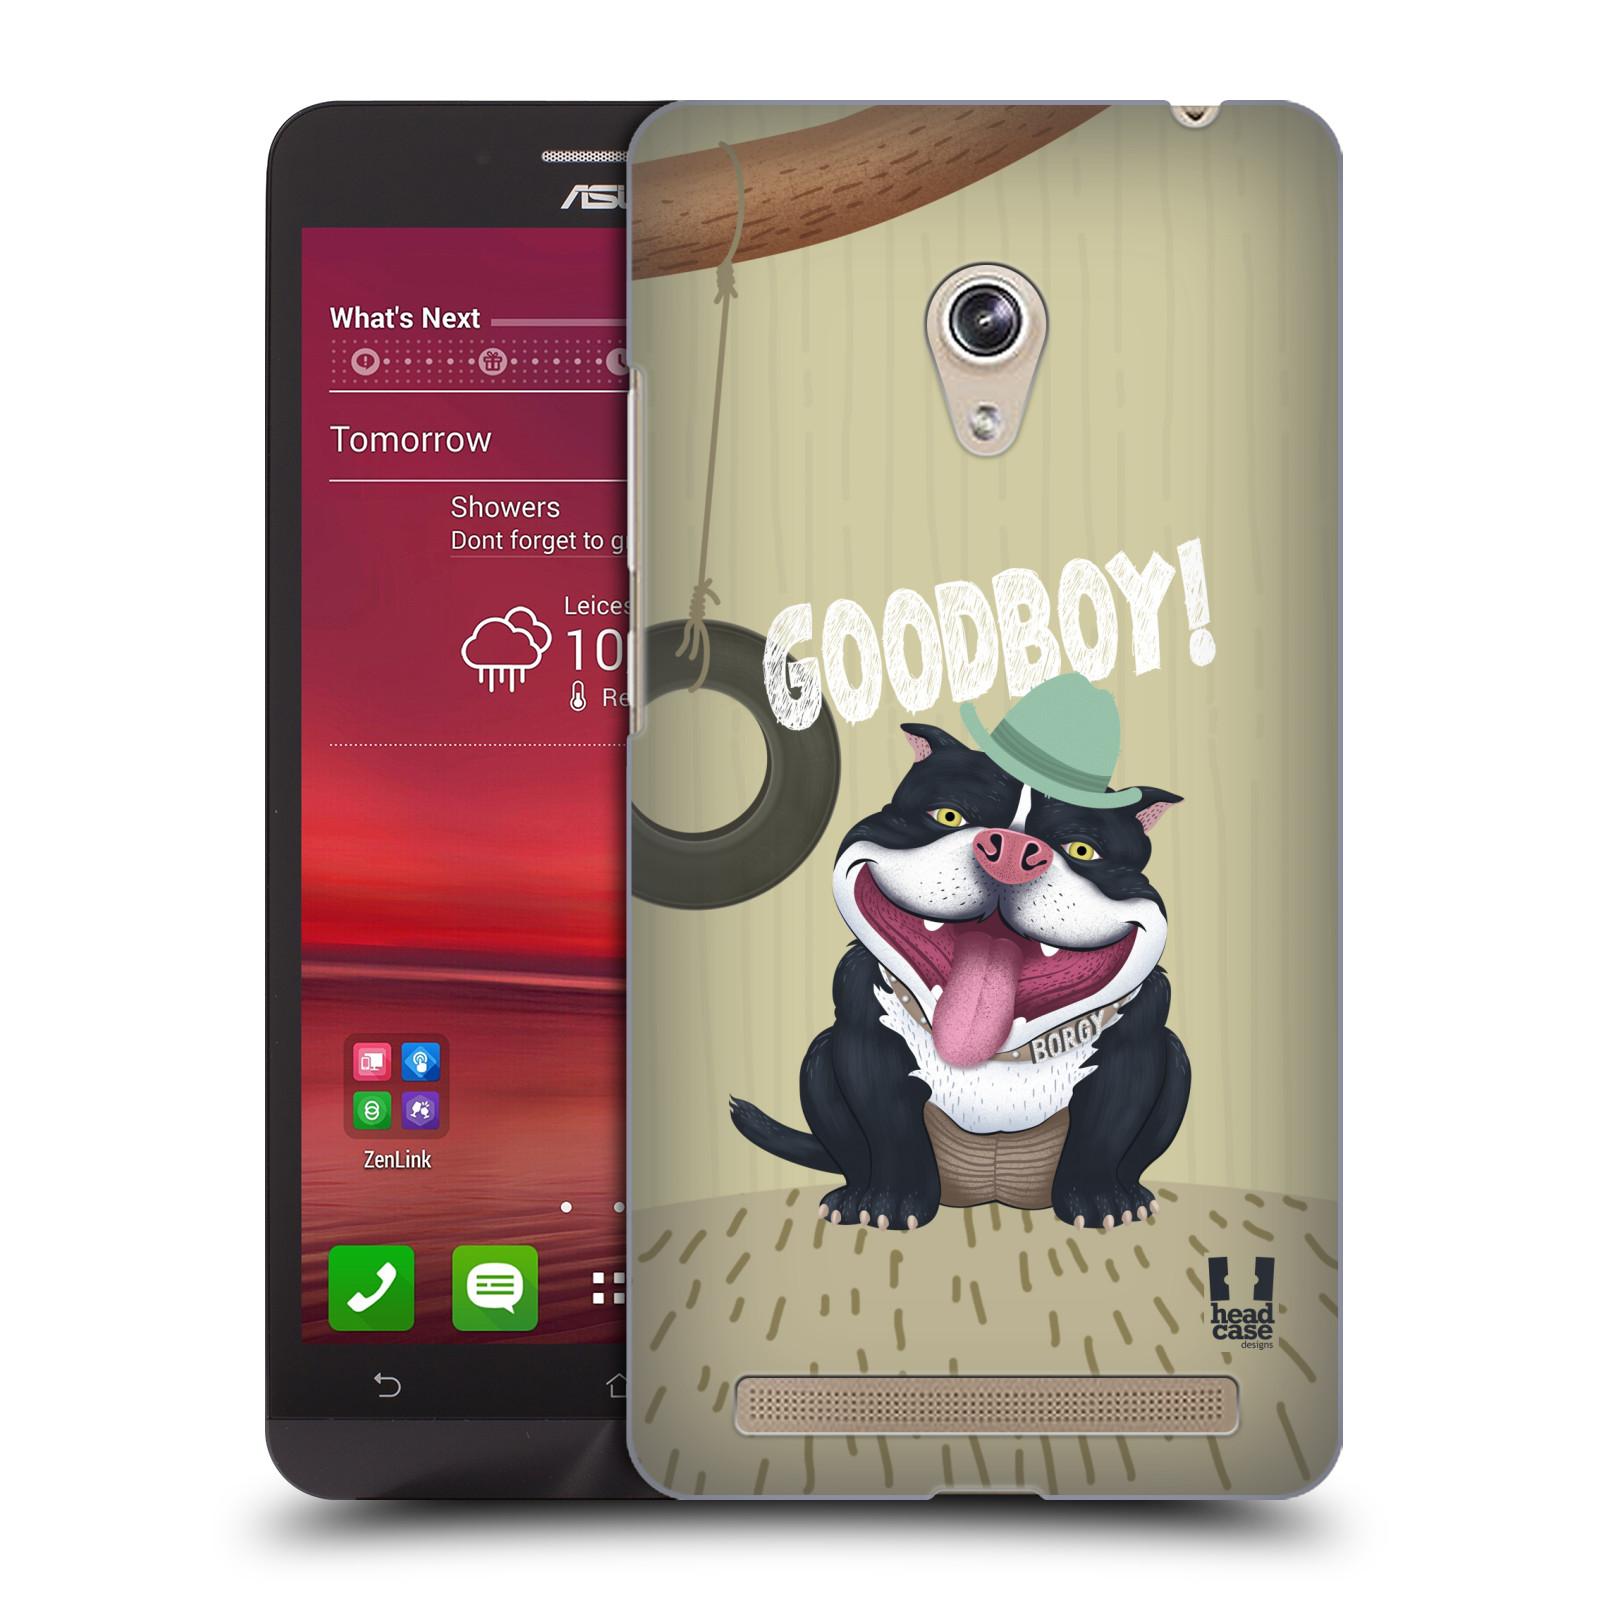 Plastové pouzdro na mobil Asus Zenfone 6 HEAD CASE Goodboy! Pejsek (Kryt či obal na mobilní telefon Asus Zenfone 6 A600CG / A601CG)